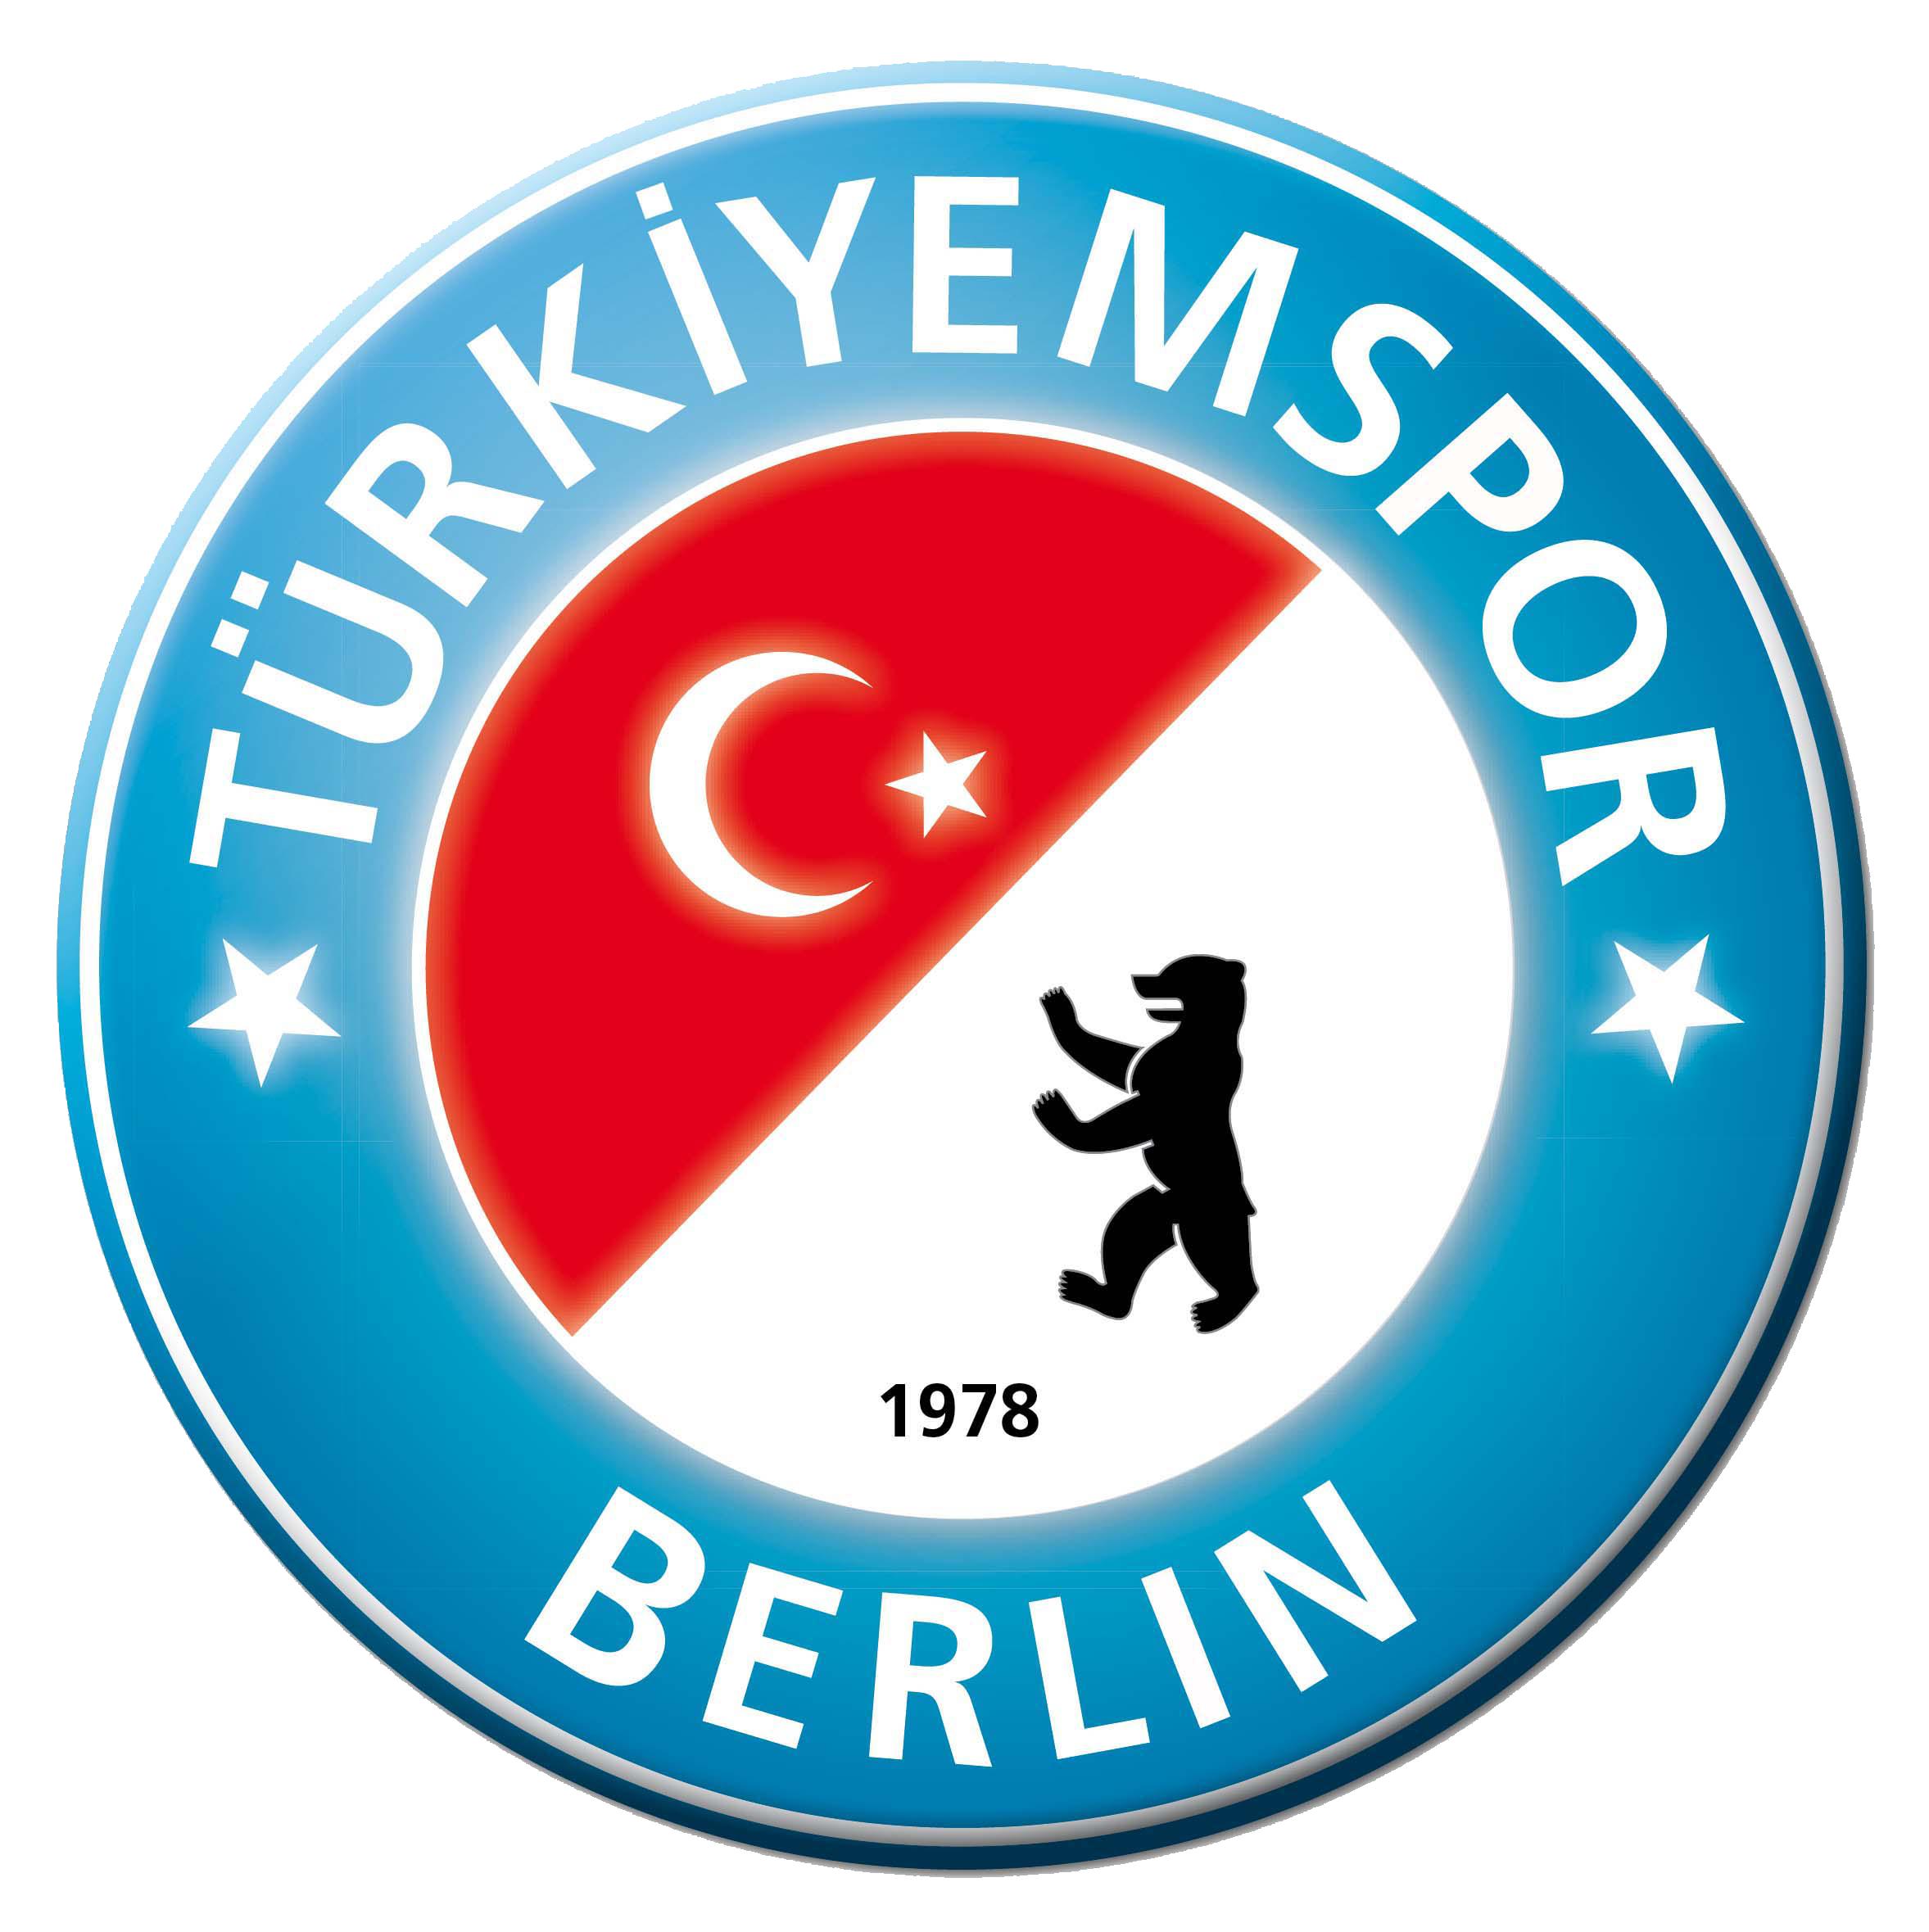 Türkiyemspor Berlin Basketball